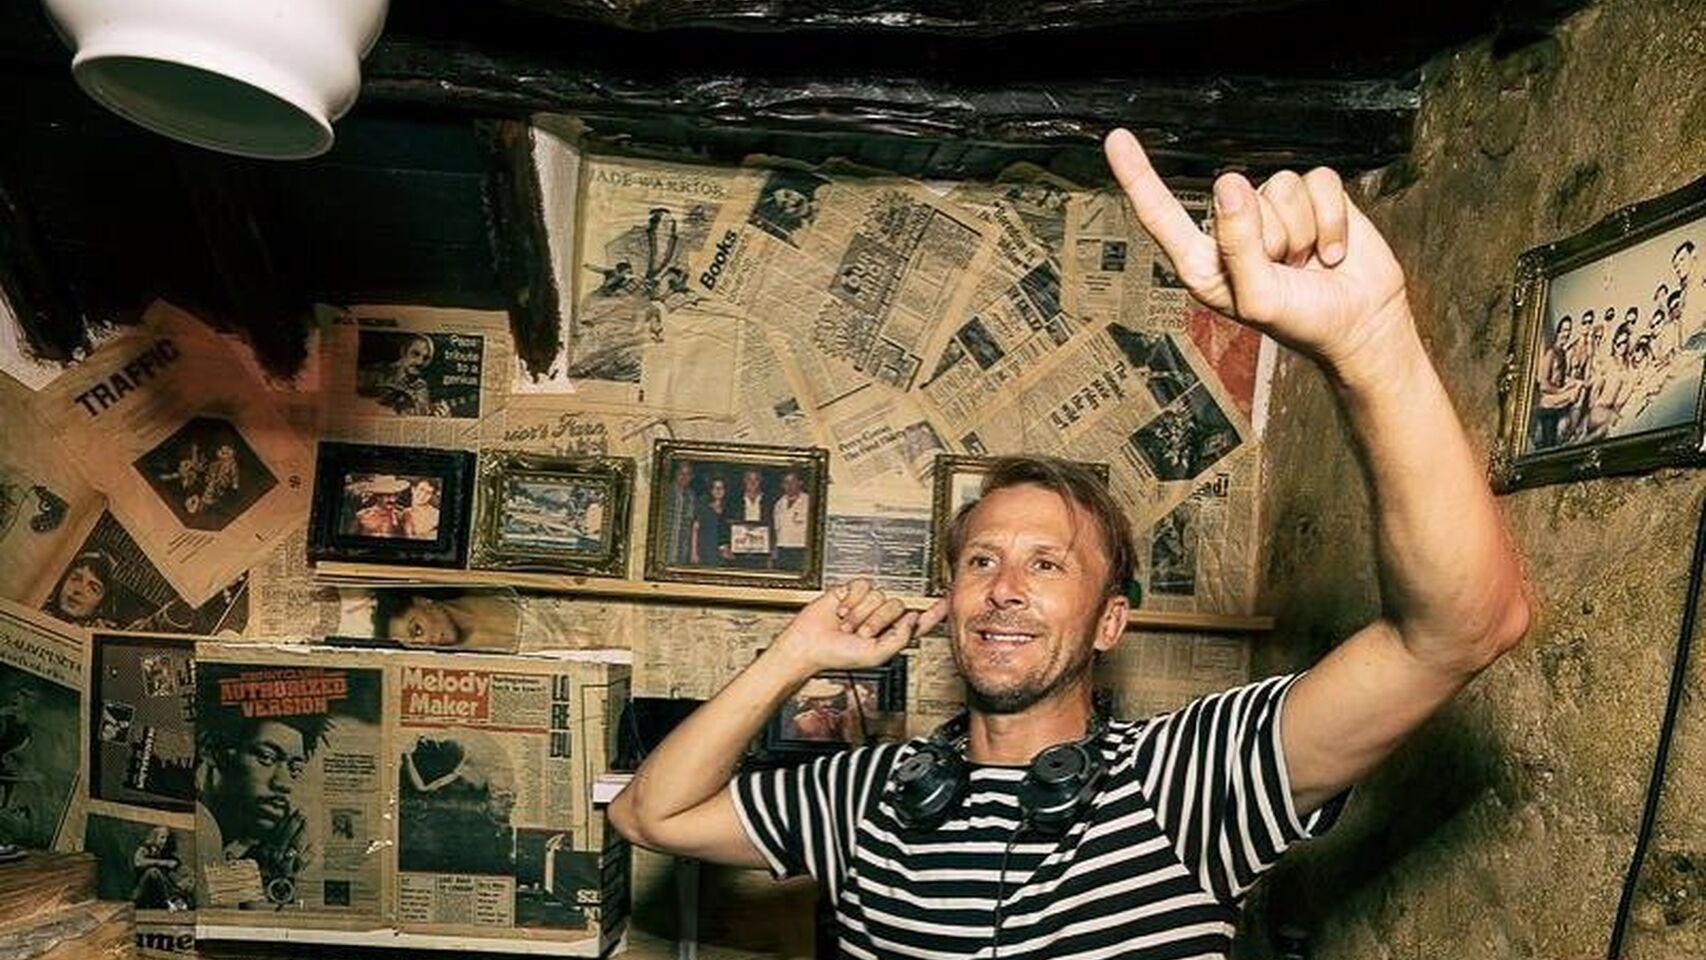 Valencia legend Gaizka Mendieta is now a keen DJ